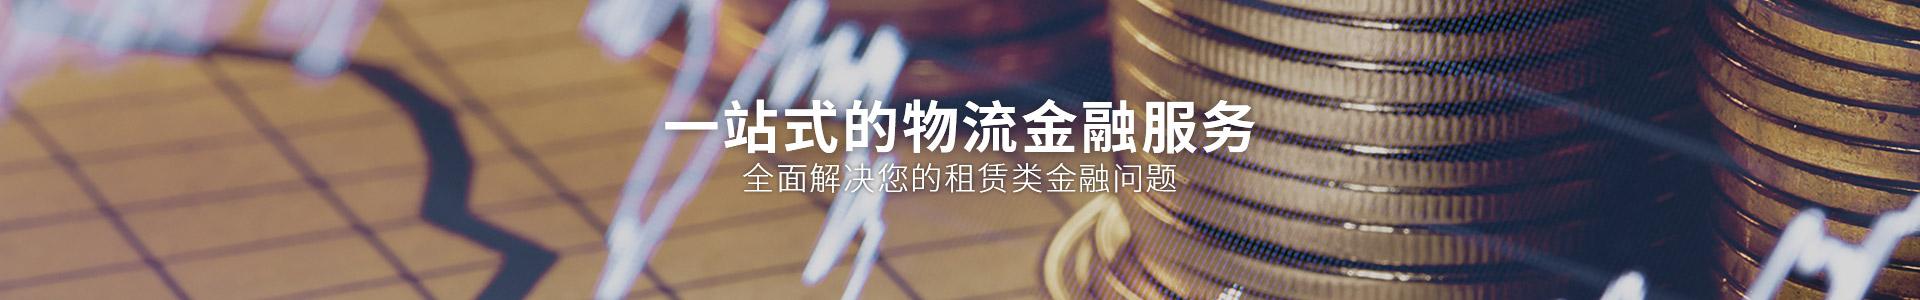 河南重联,一站式的物流金融服务,全面解决您的租赁类金融问题